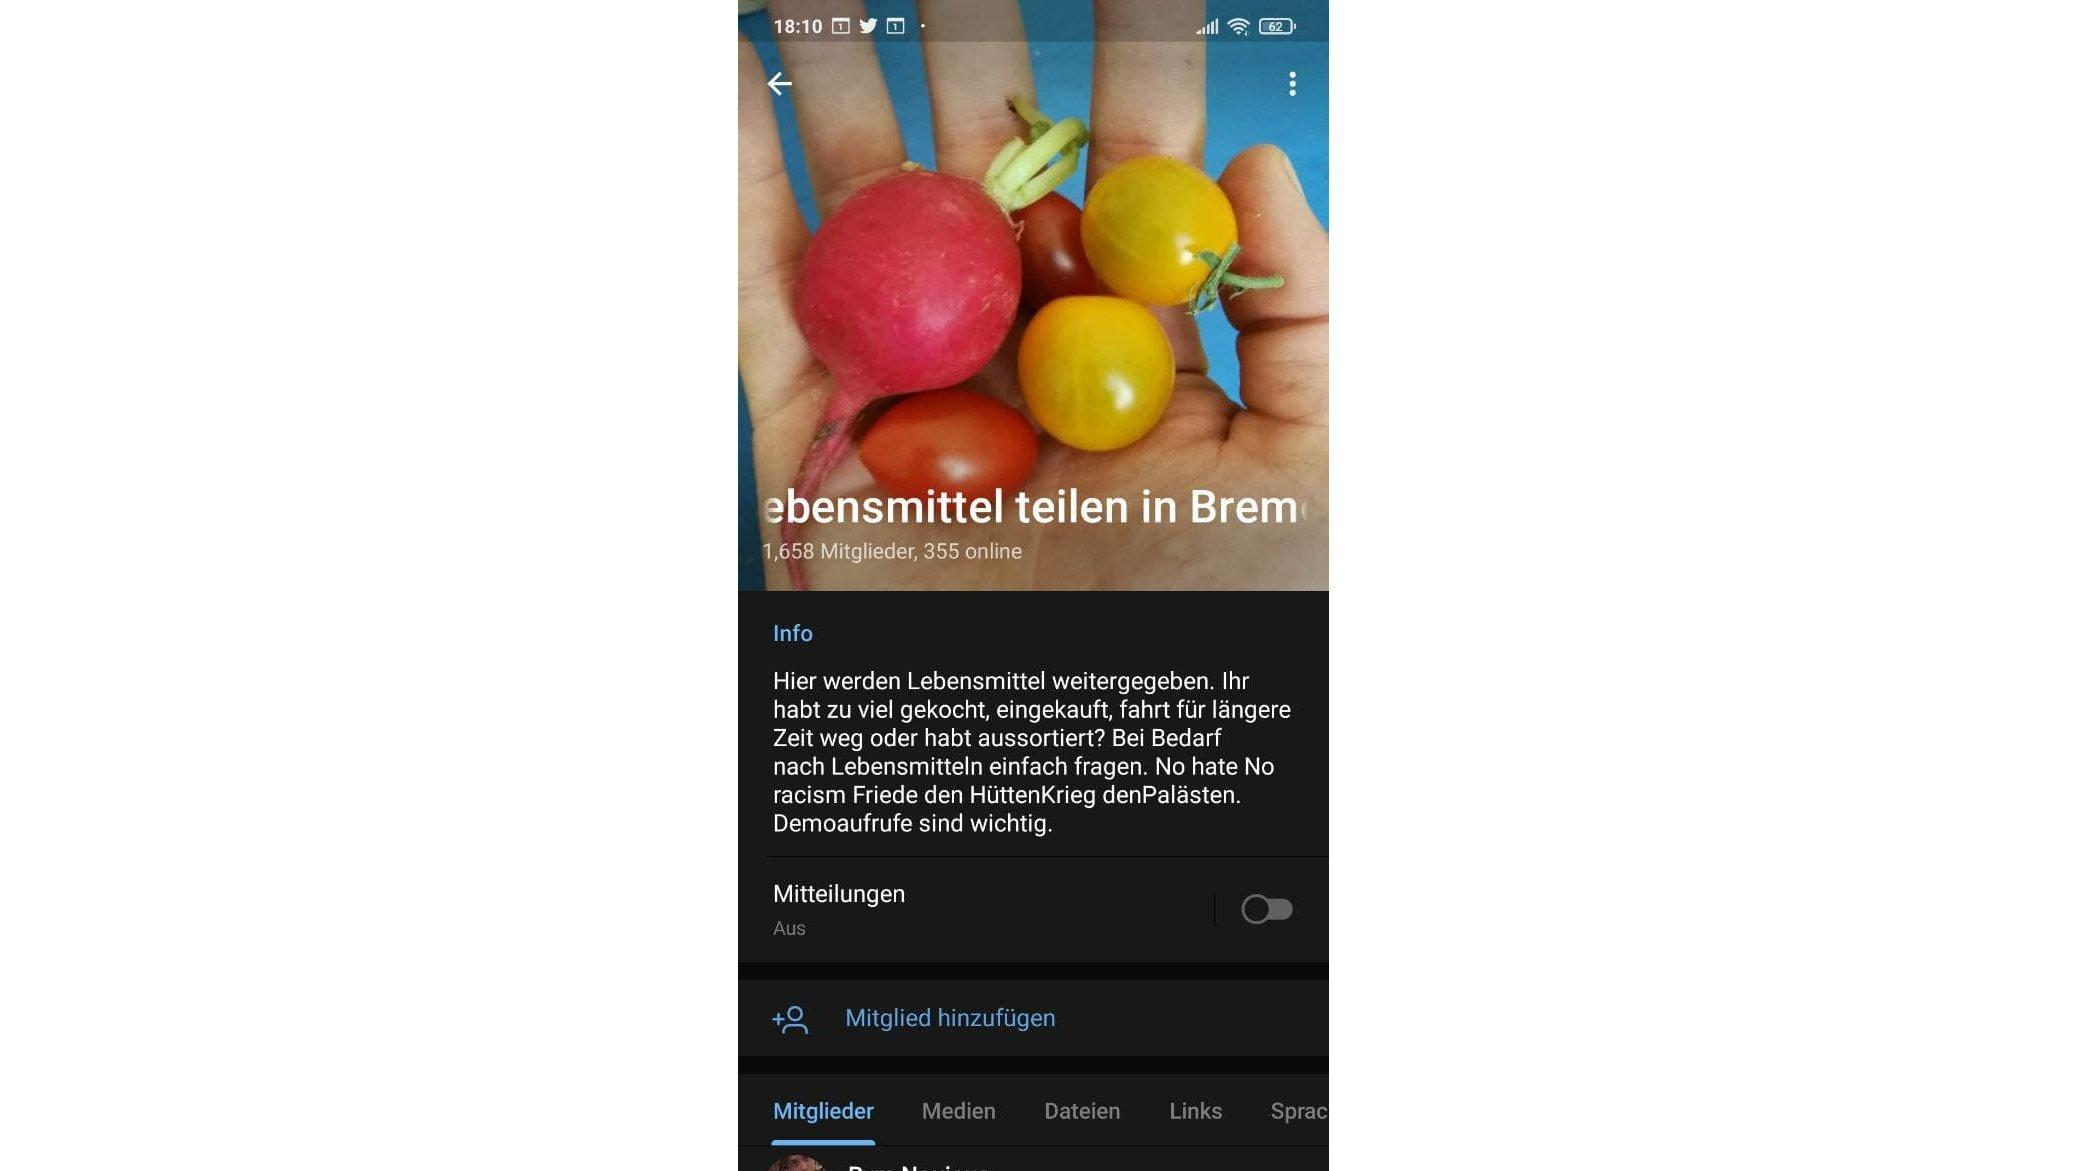 """Screenshot der Gruppe """"Lebensmittel teilen in Bremen"""". Eine Hand hält einige rote und gelbe Tomaten und ein Radieschen."""